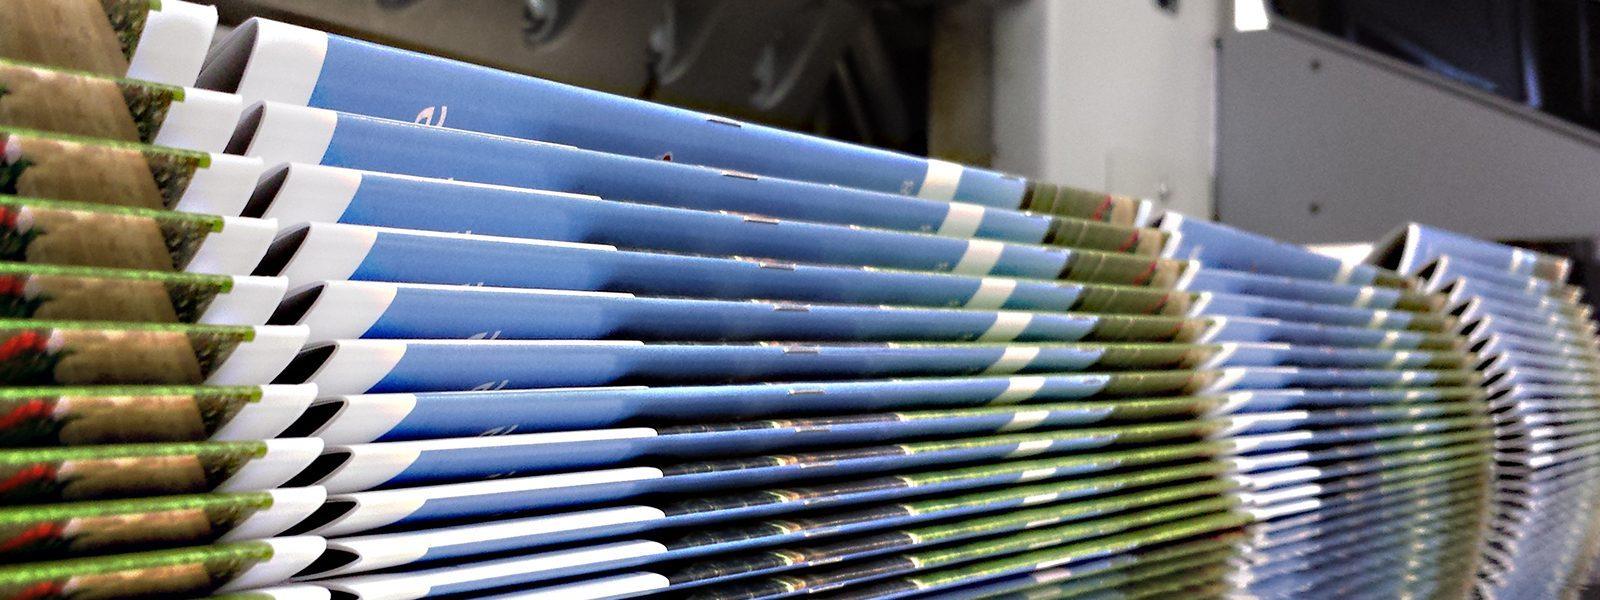 Broschüren im Digitaldruck - schnell und günstig von Druckerei Wagner